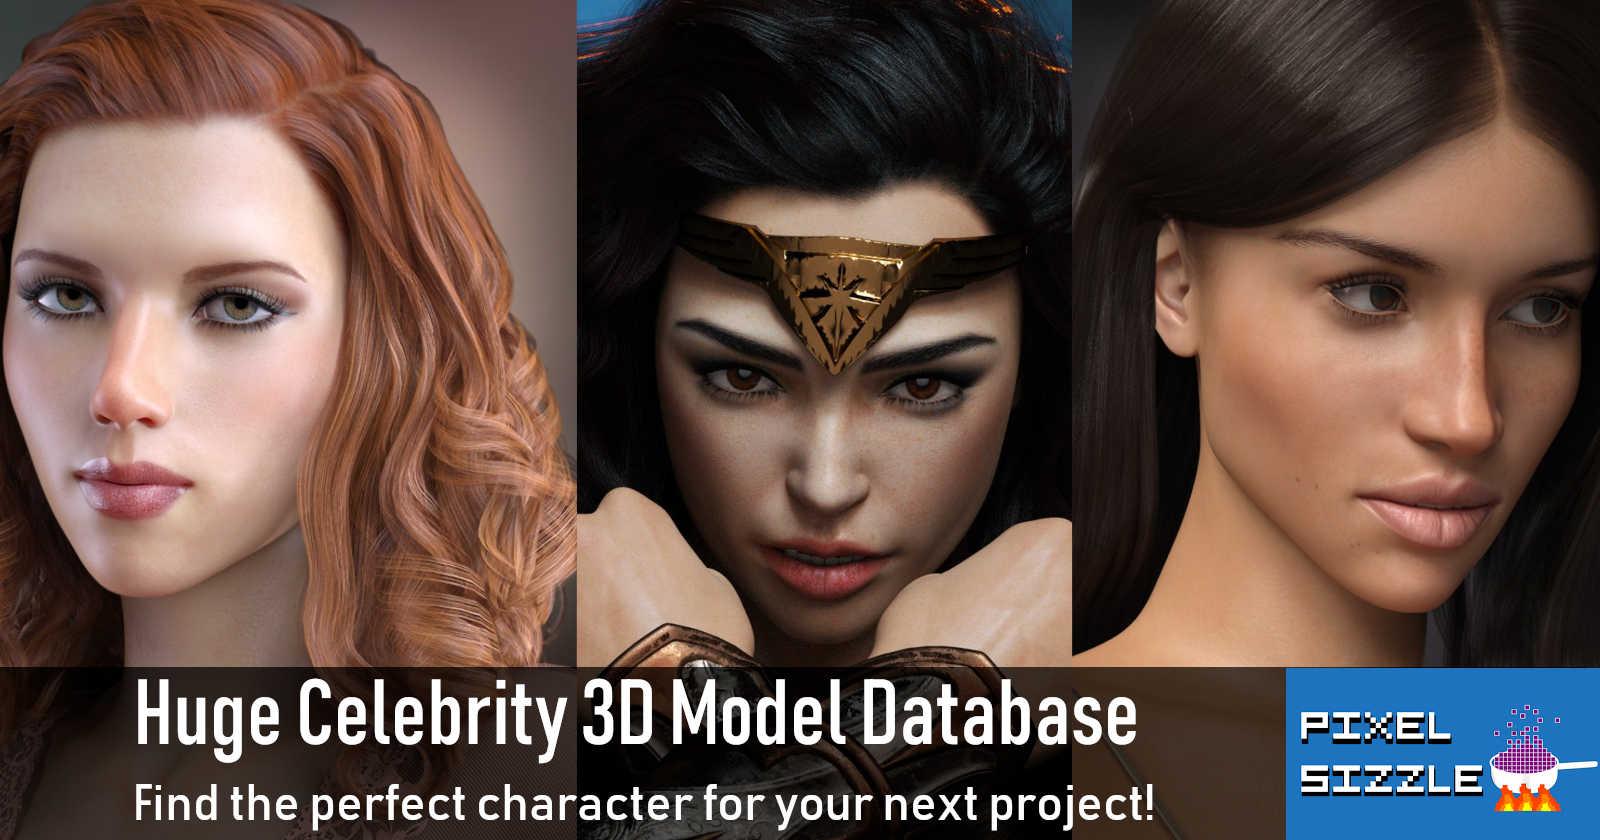 Huge Celebrity 3D Model Database here at Pixelsizzle.com